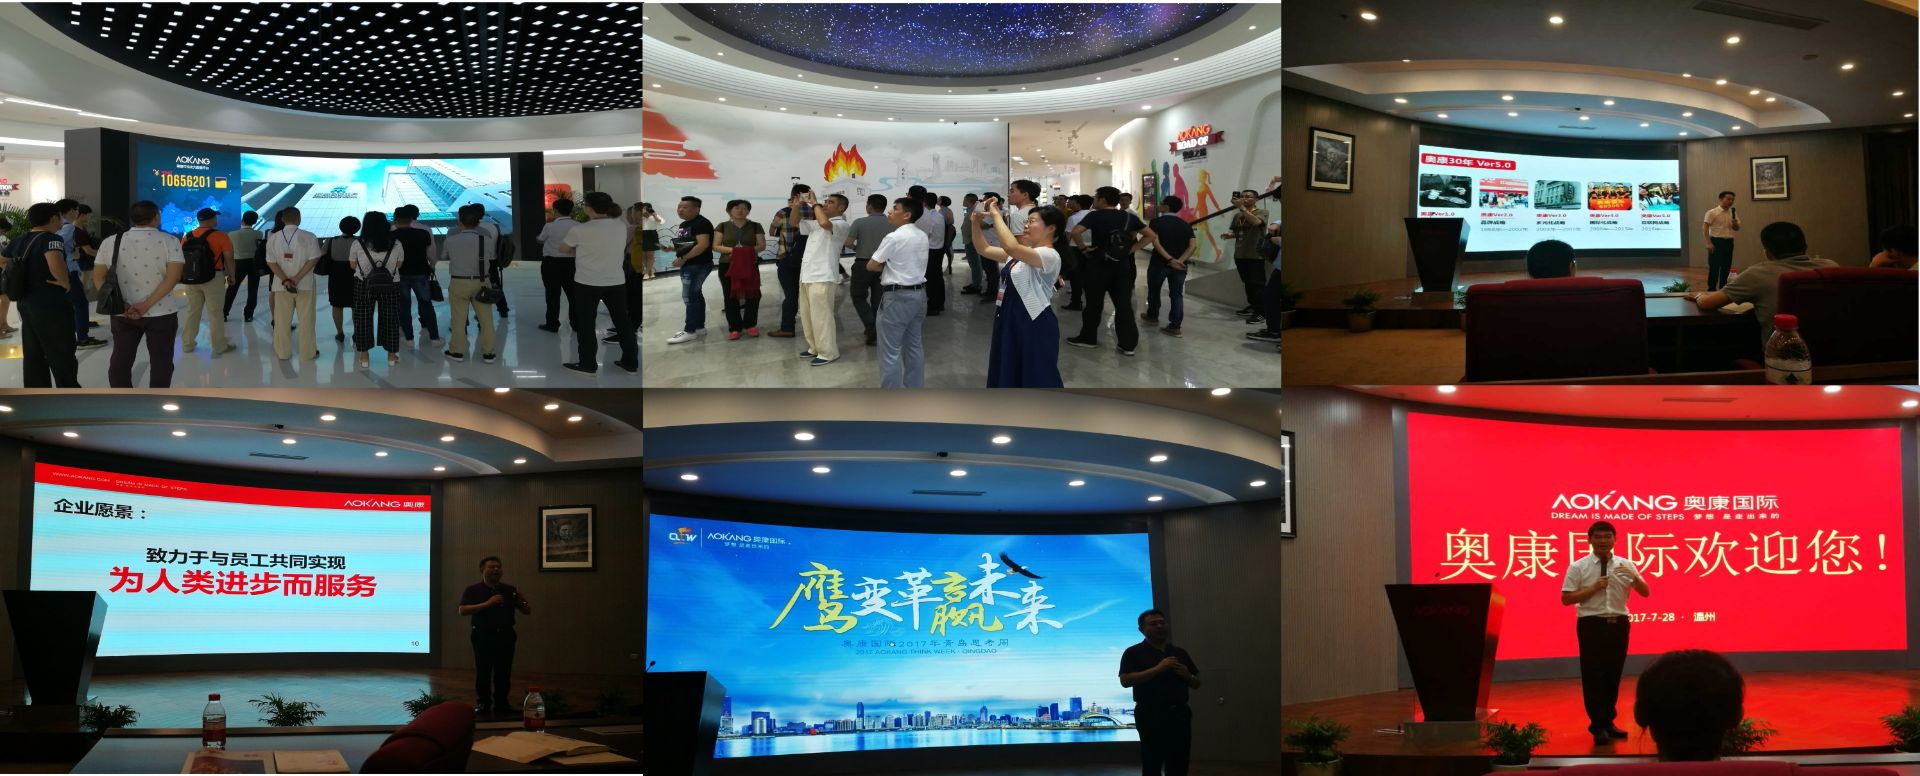 奥康集团董事长王振滔称杨荐民老师是名师